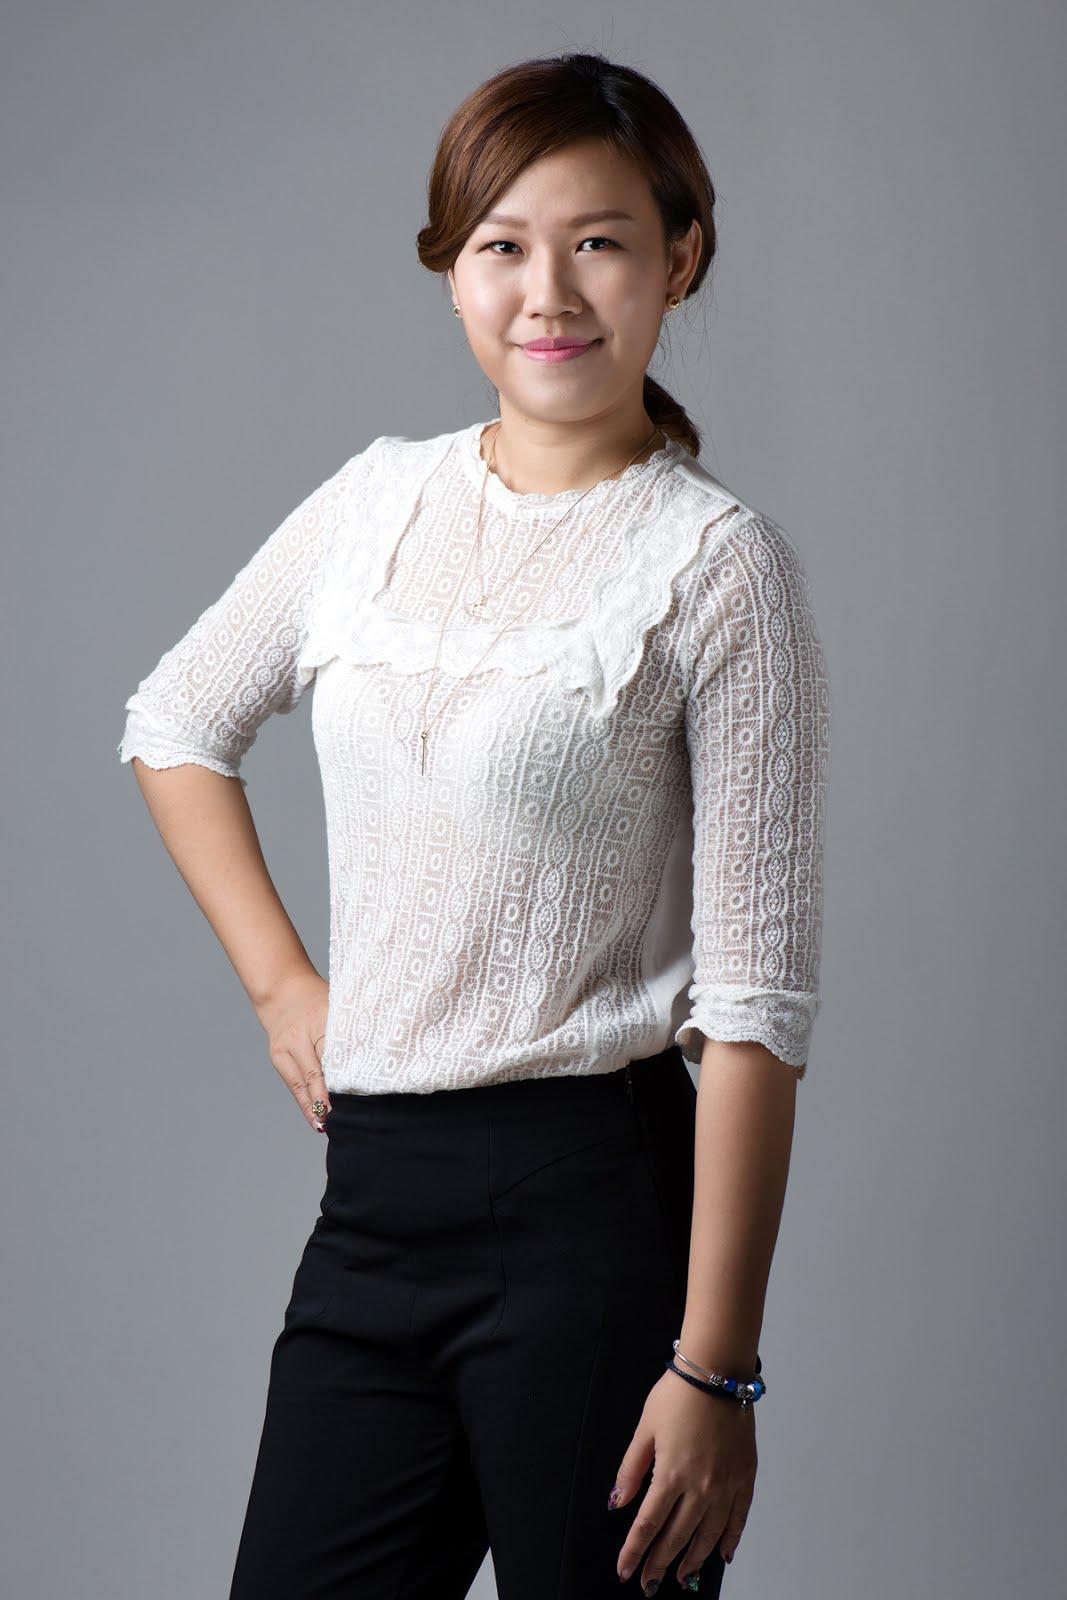 Nail Educator Jess Puan